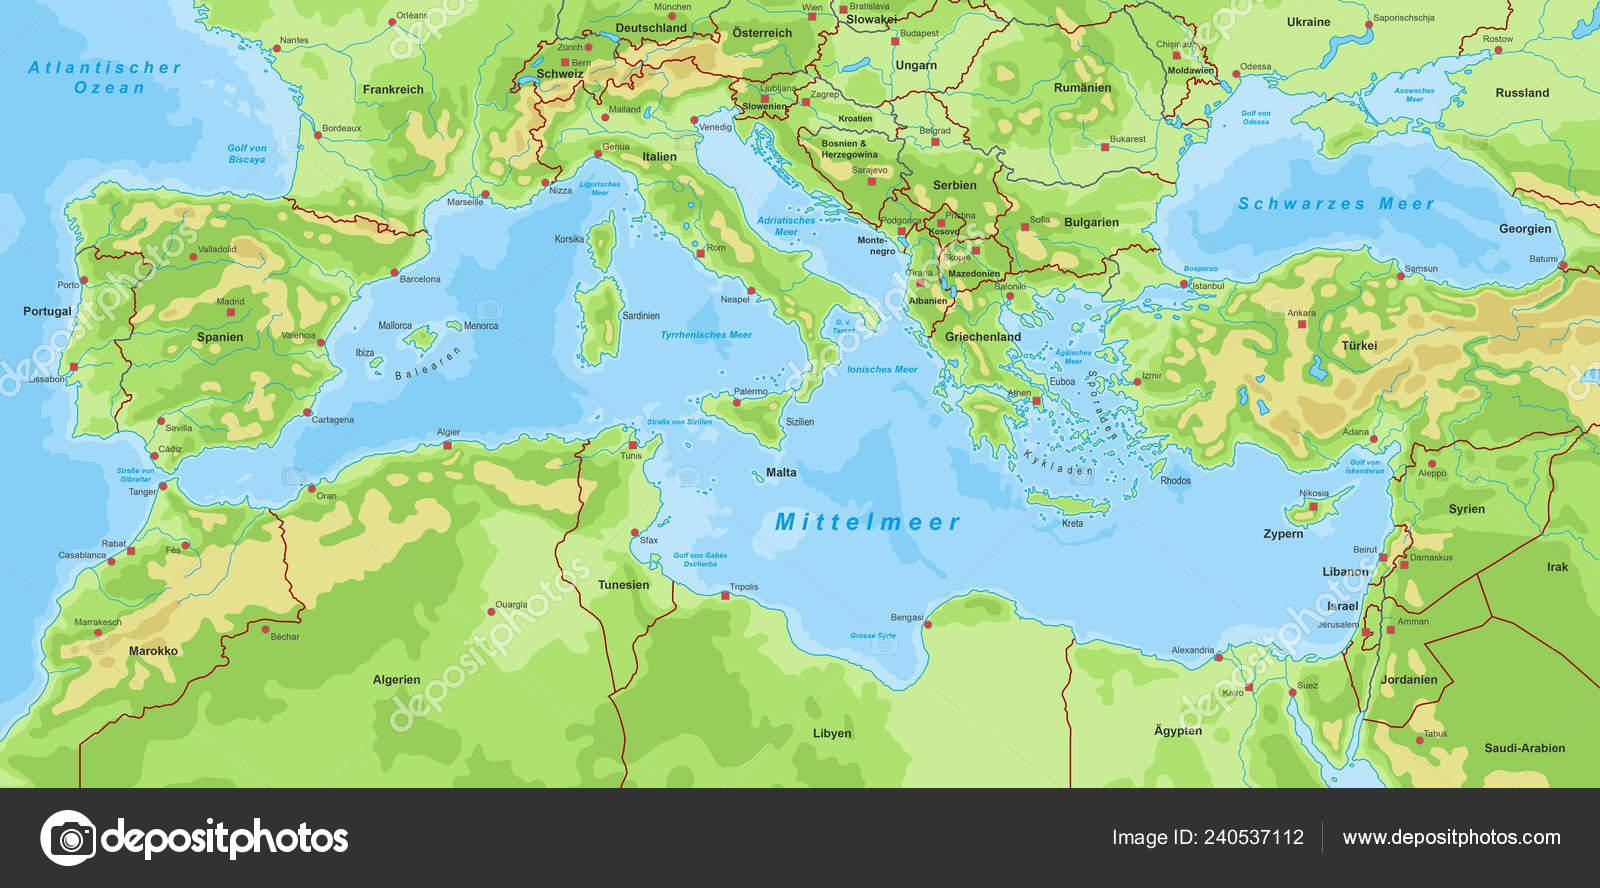 Mare Mediterraneo Cartina.Mappa Del Mediterraneo Vettori Stock Immagini Disegni Mappa Del Mediterraneo Grafica Vettoriale Da Depositphotos